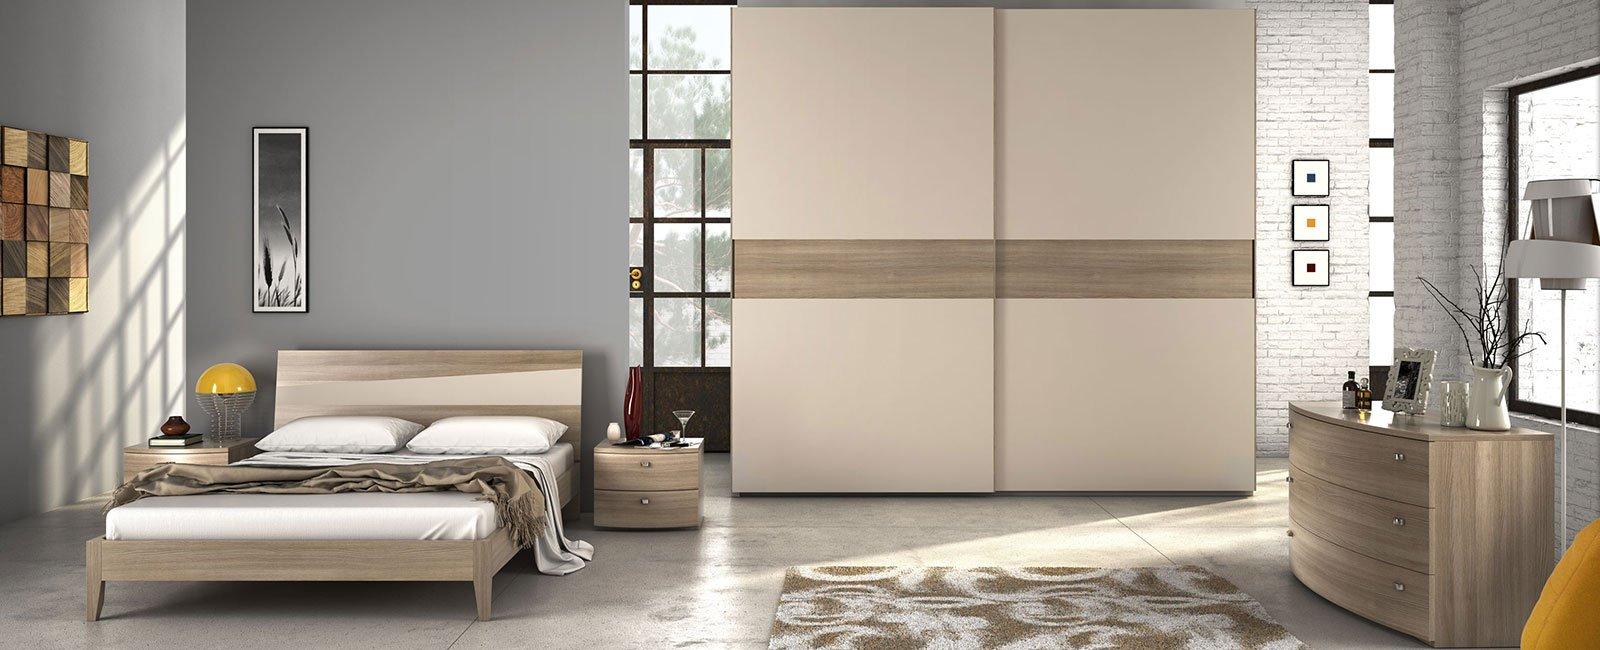 una camera da letto moderna con un letto,due comodini,un armadio e un comò beige